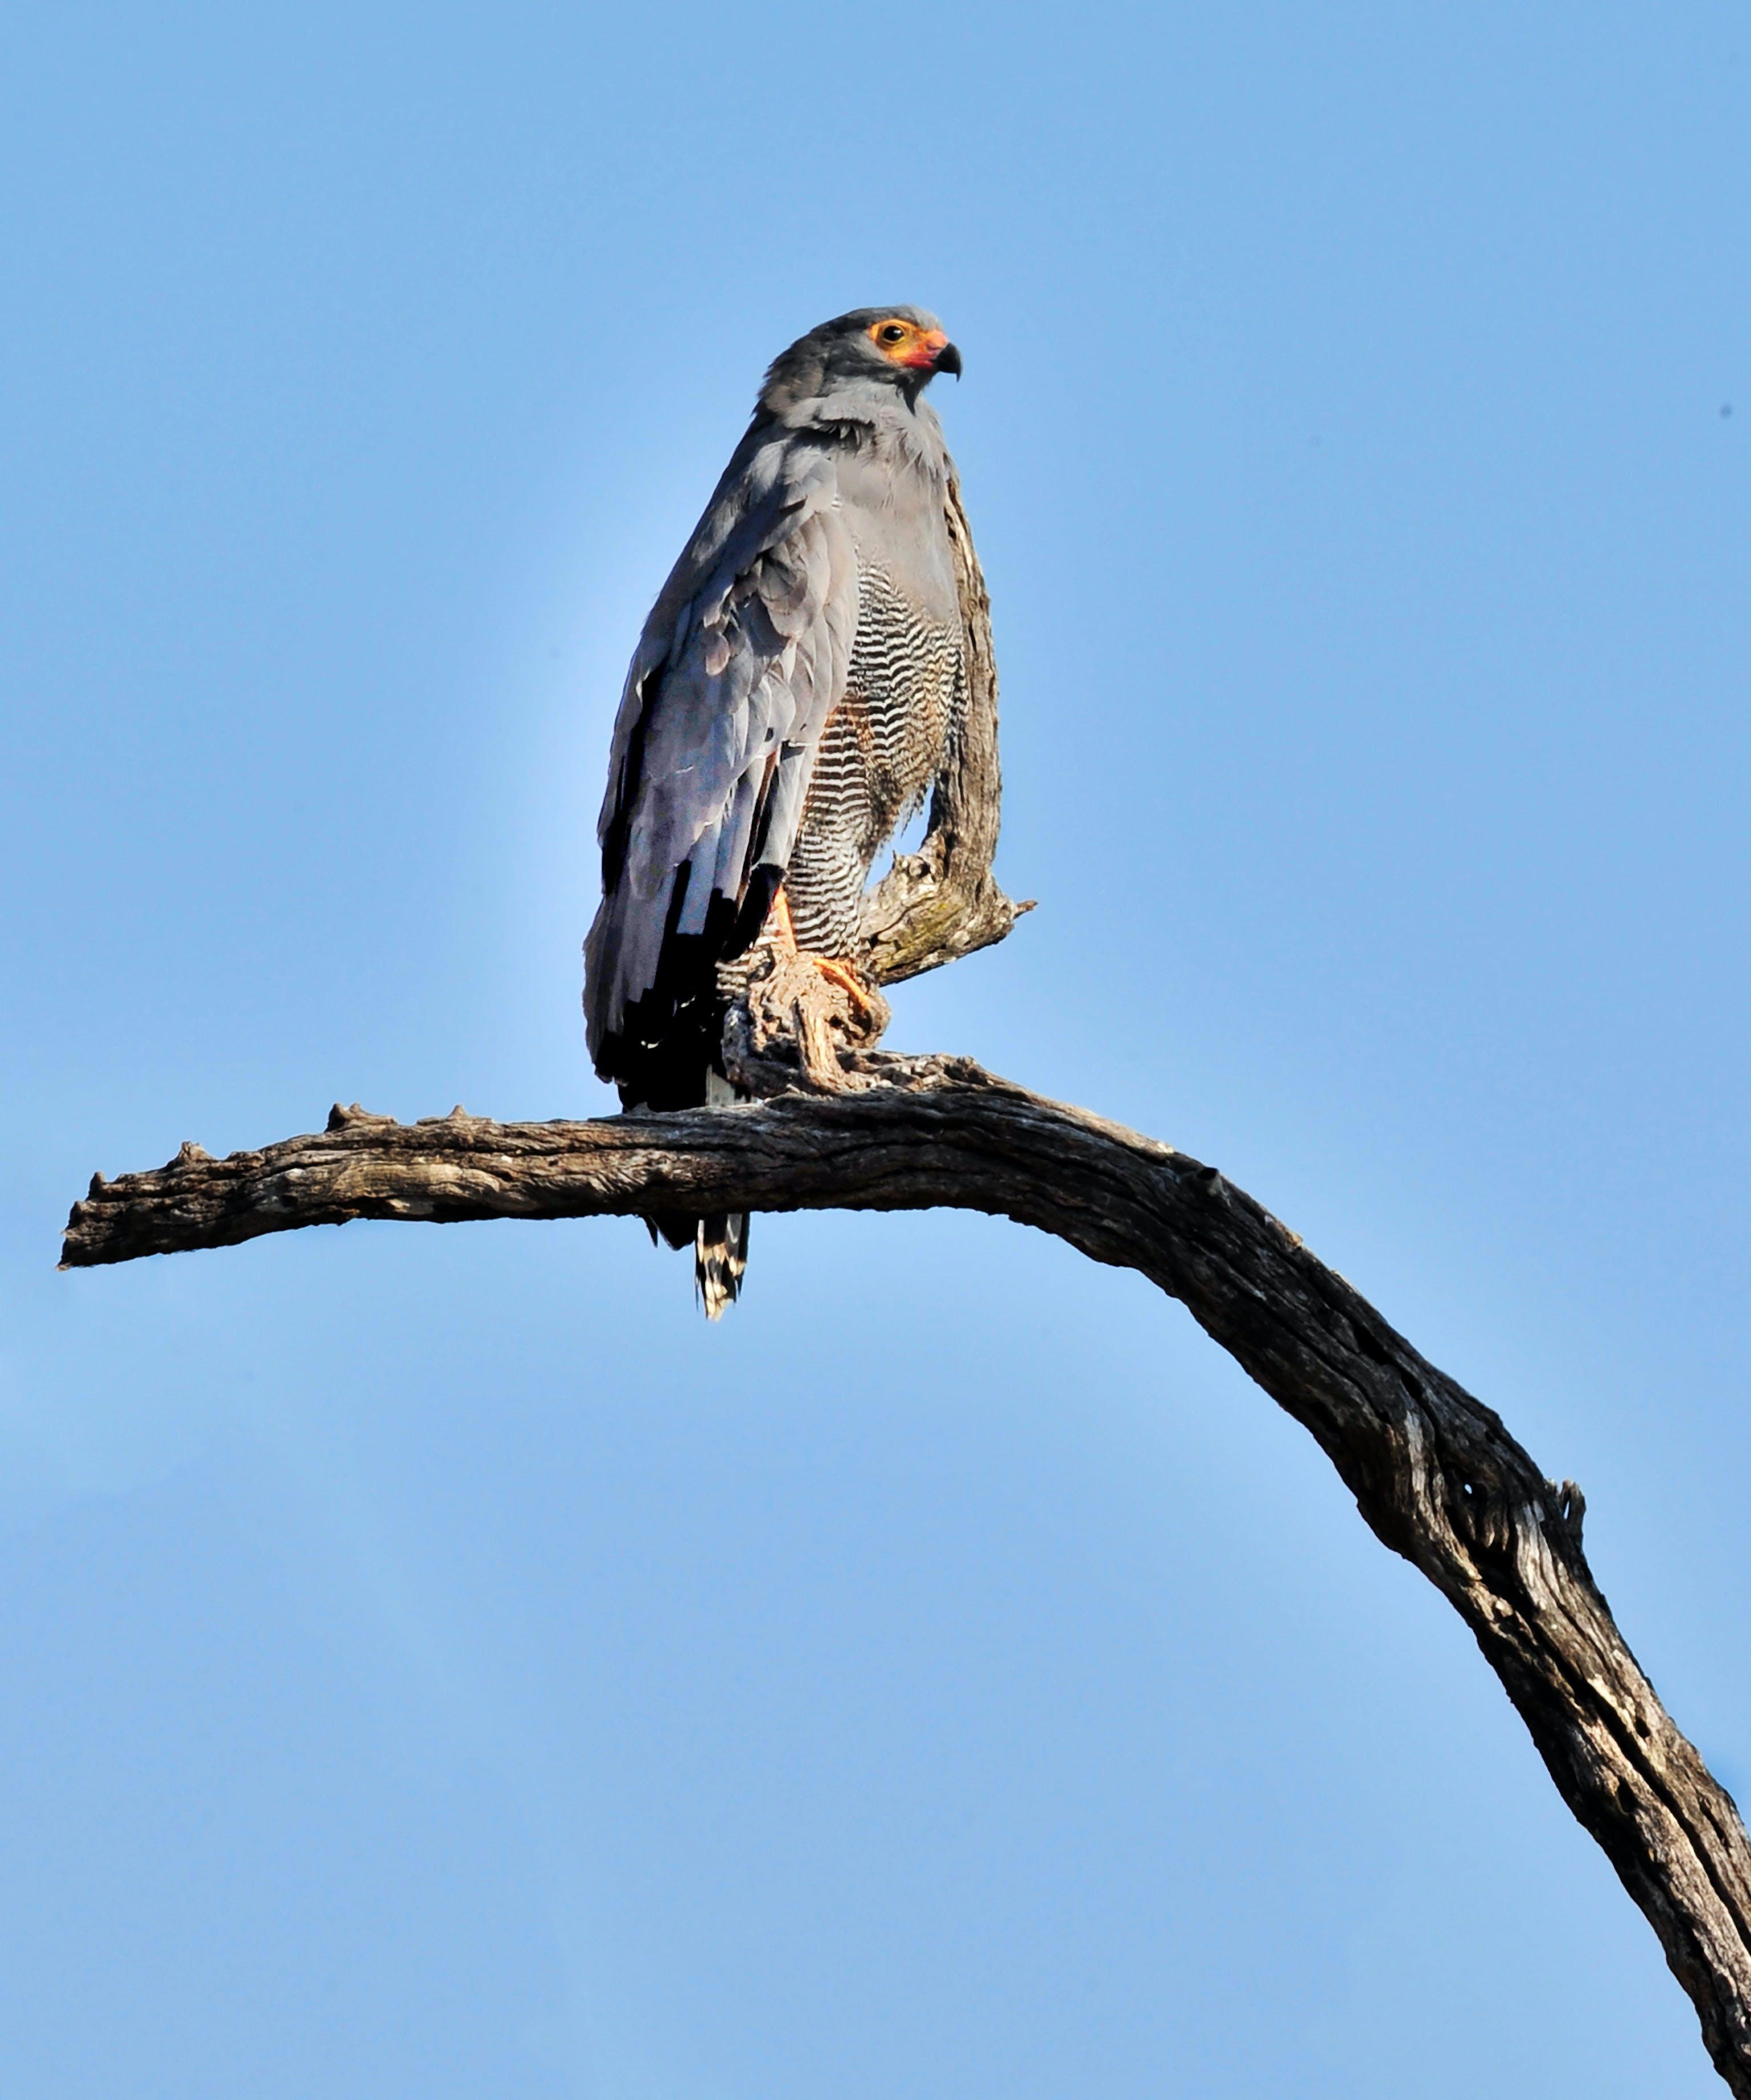 Gratis lagerfoto af sydafrika, vild fugl, ørn